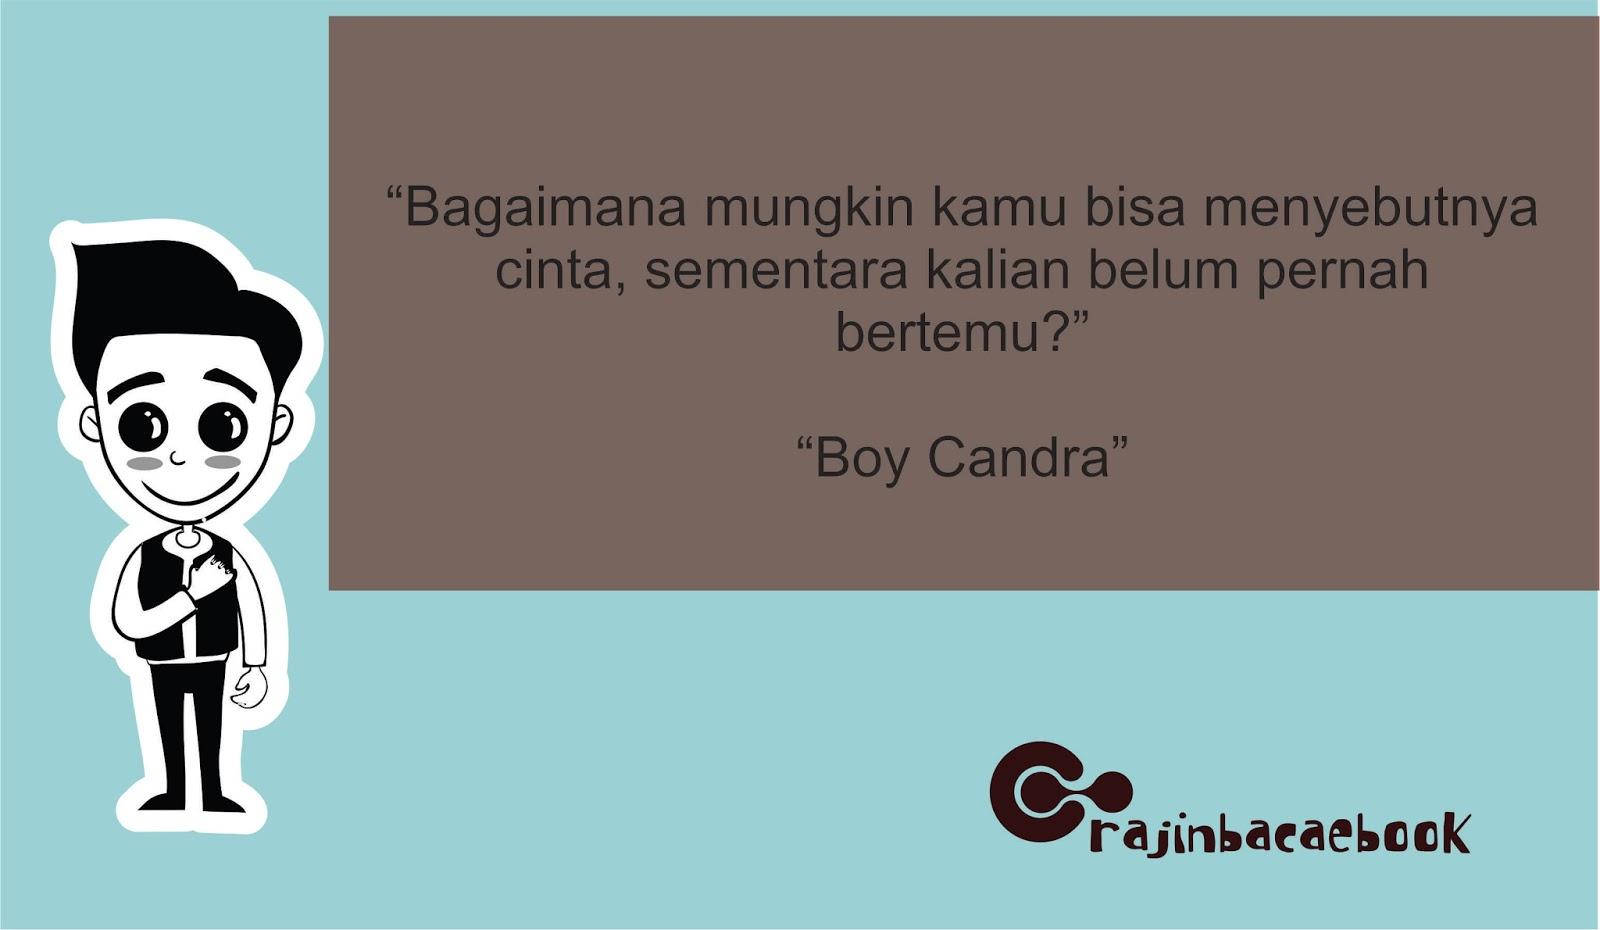 Download Review Ebook Gratis Boy Candra - Catatan Pendek untuk Cinta yang Panjang pdf - Penggiat ...